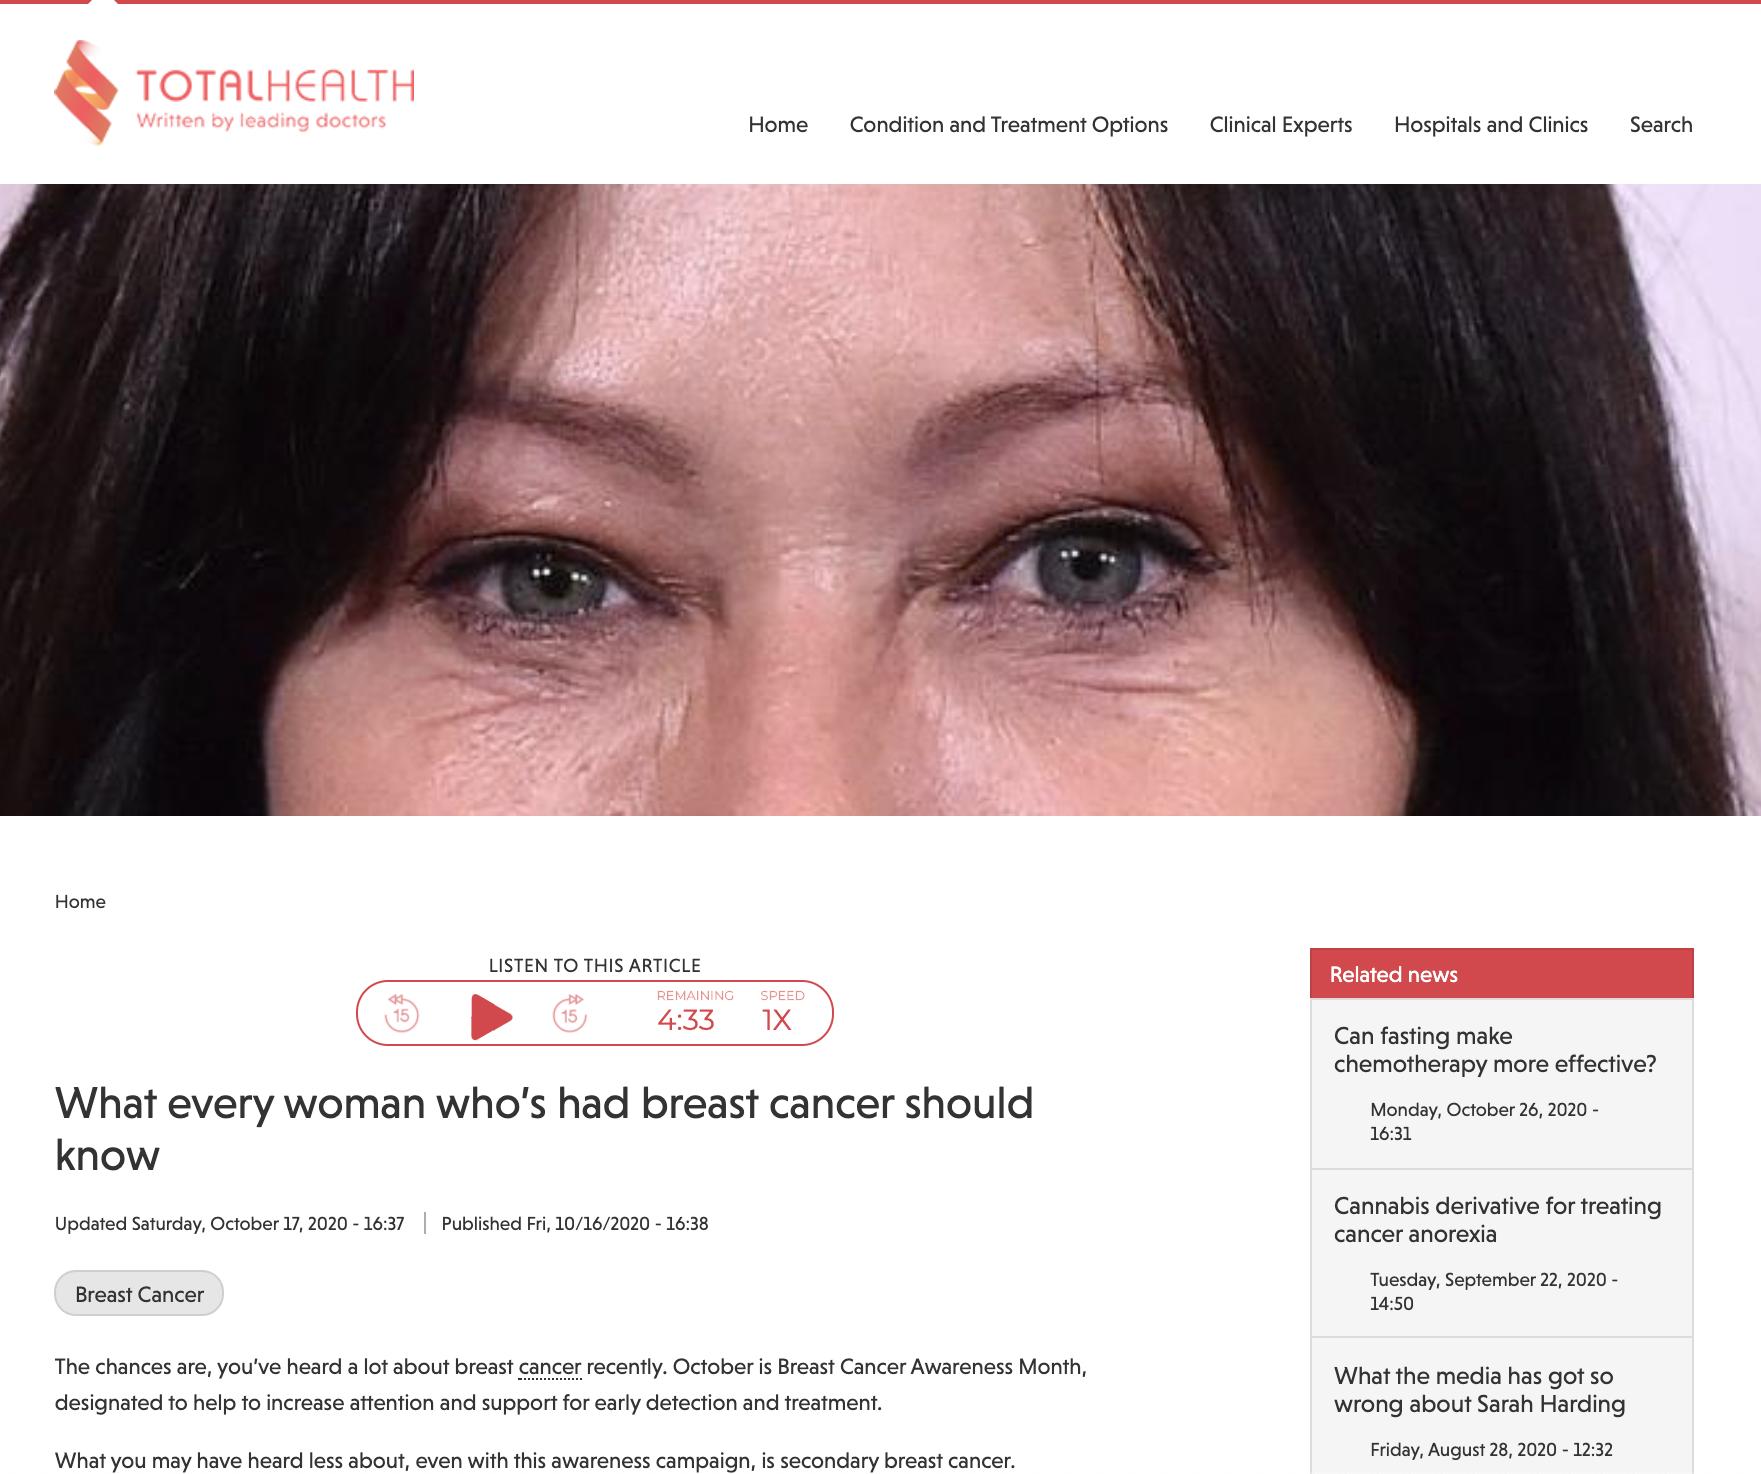 Woman's Eyes in Screenshot in Total Health